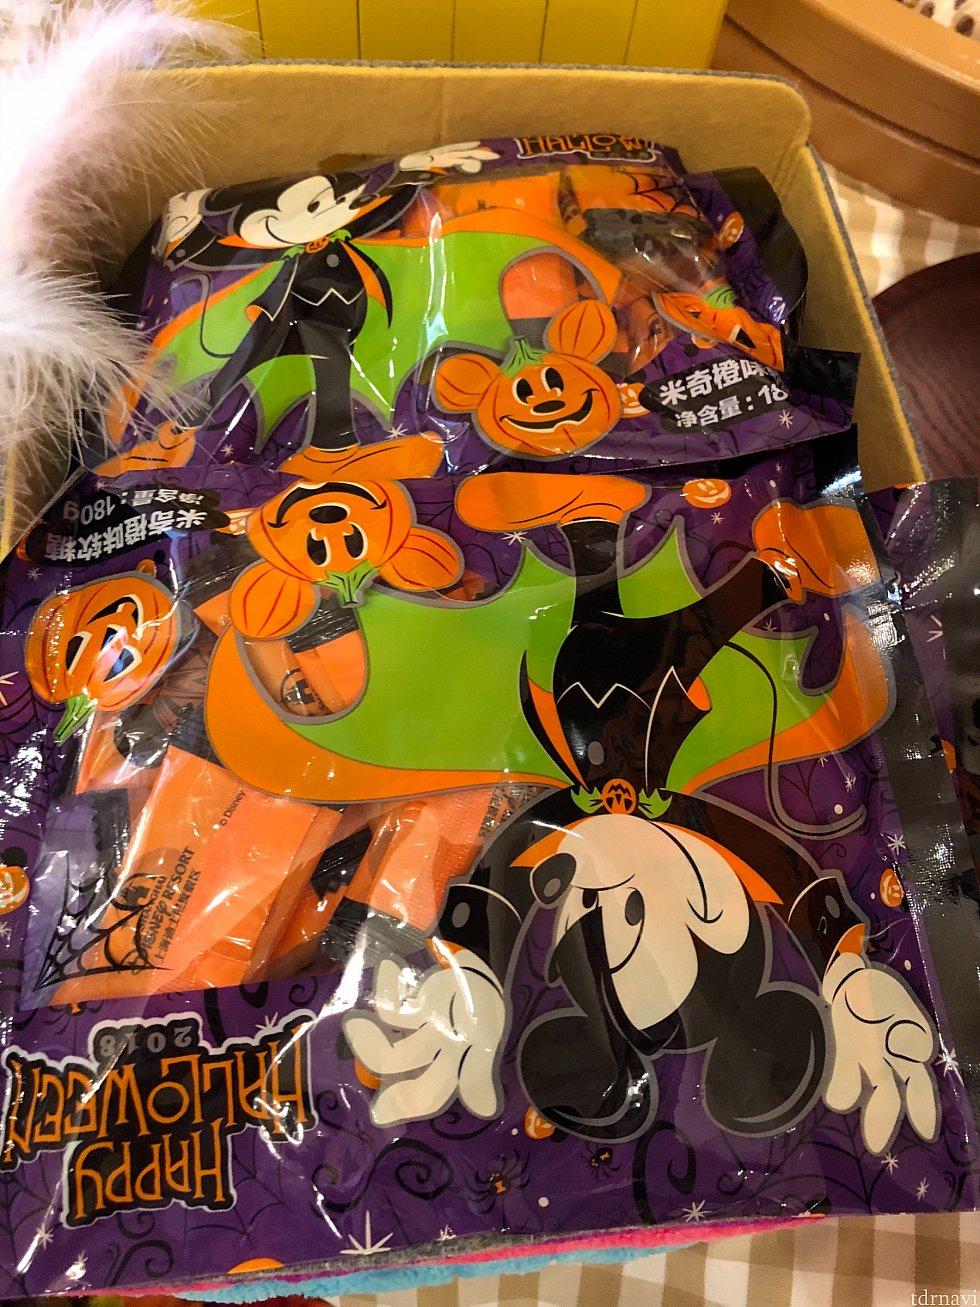 ハロウィンのグミは一袋29元 去年配ってたのと同じ!?